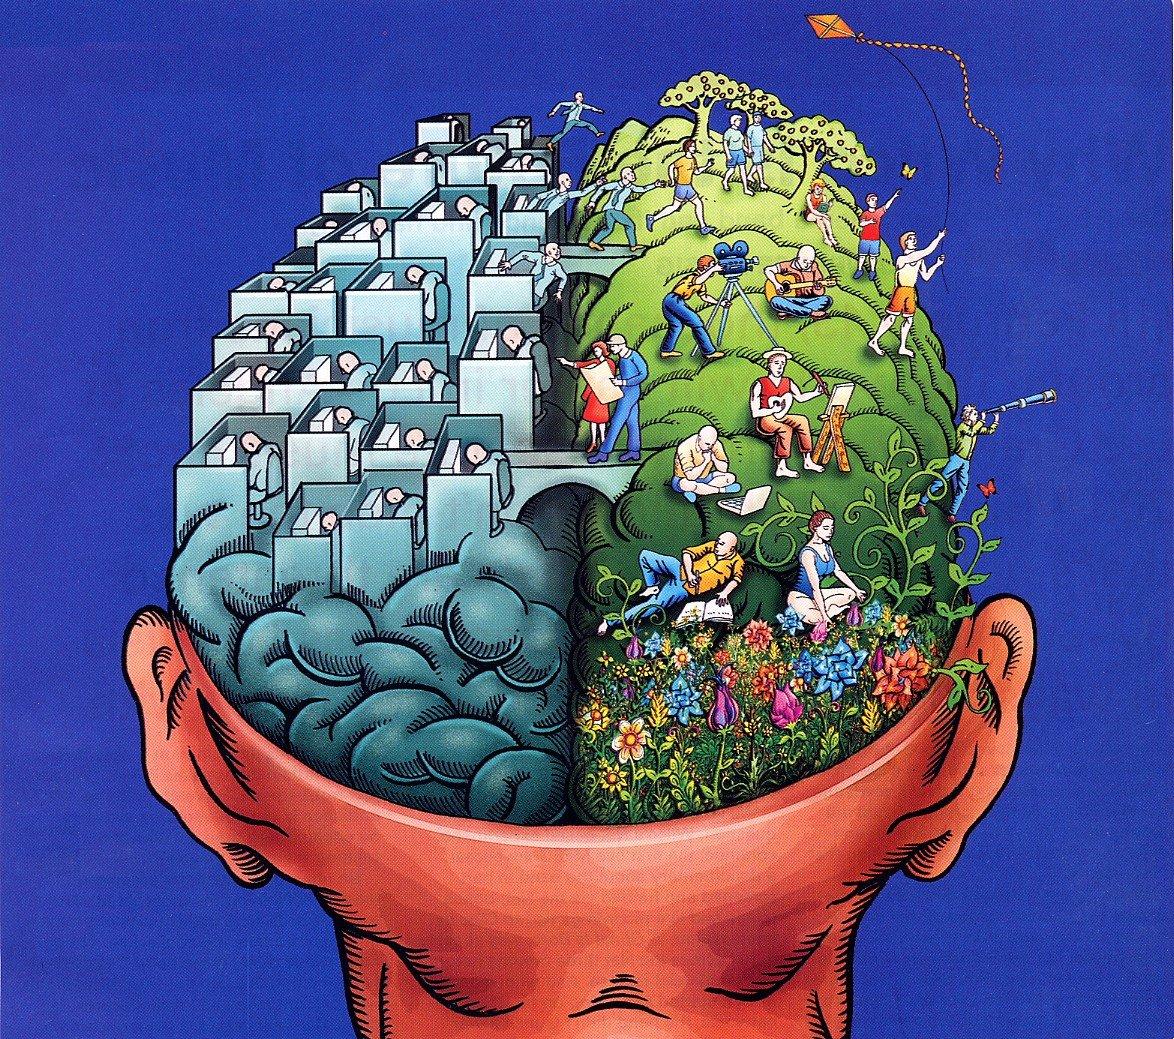 Captivi in efectul Dunning Kruger